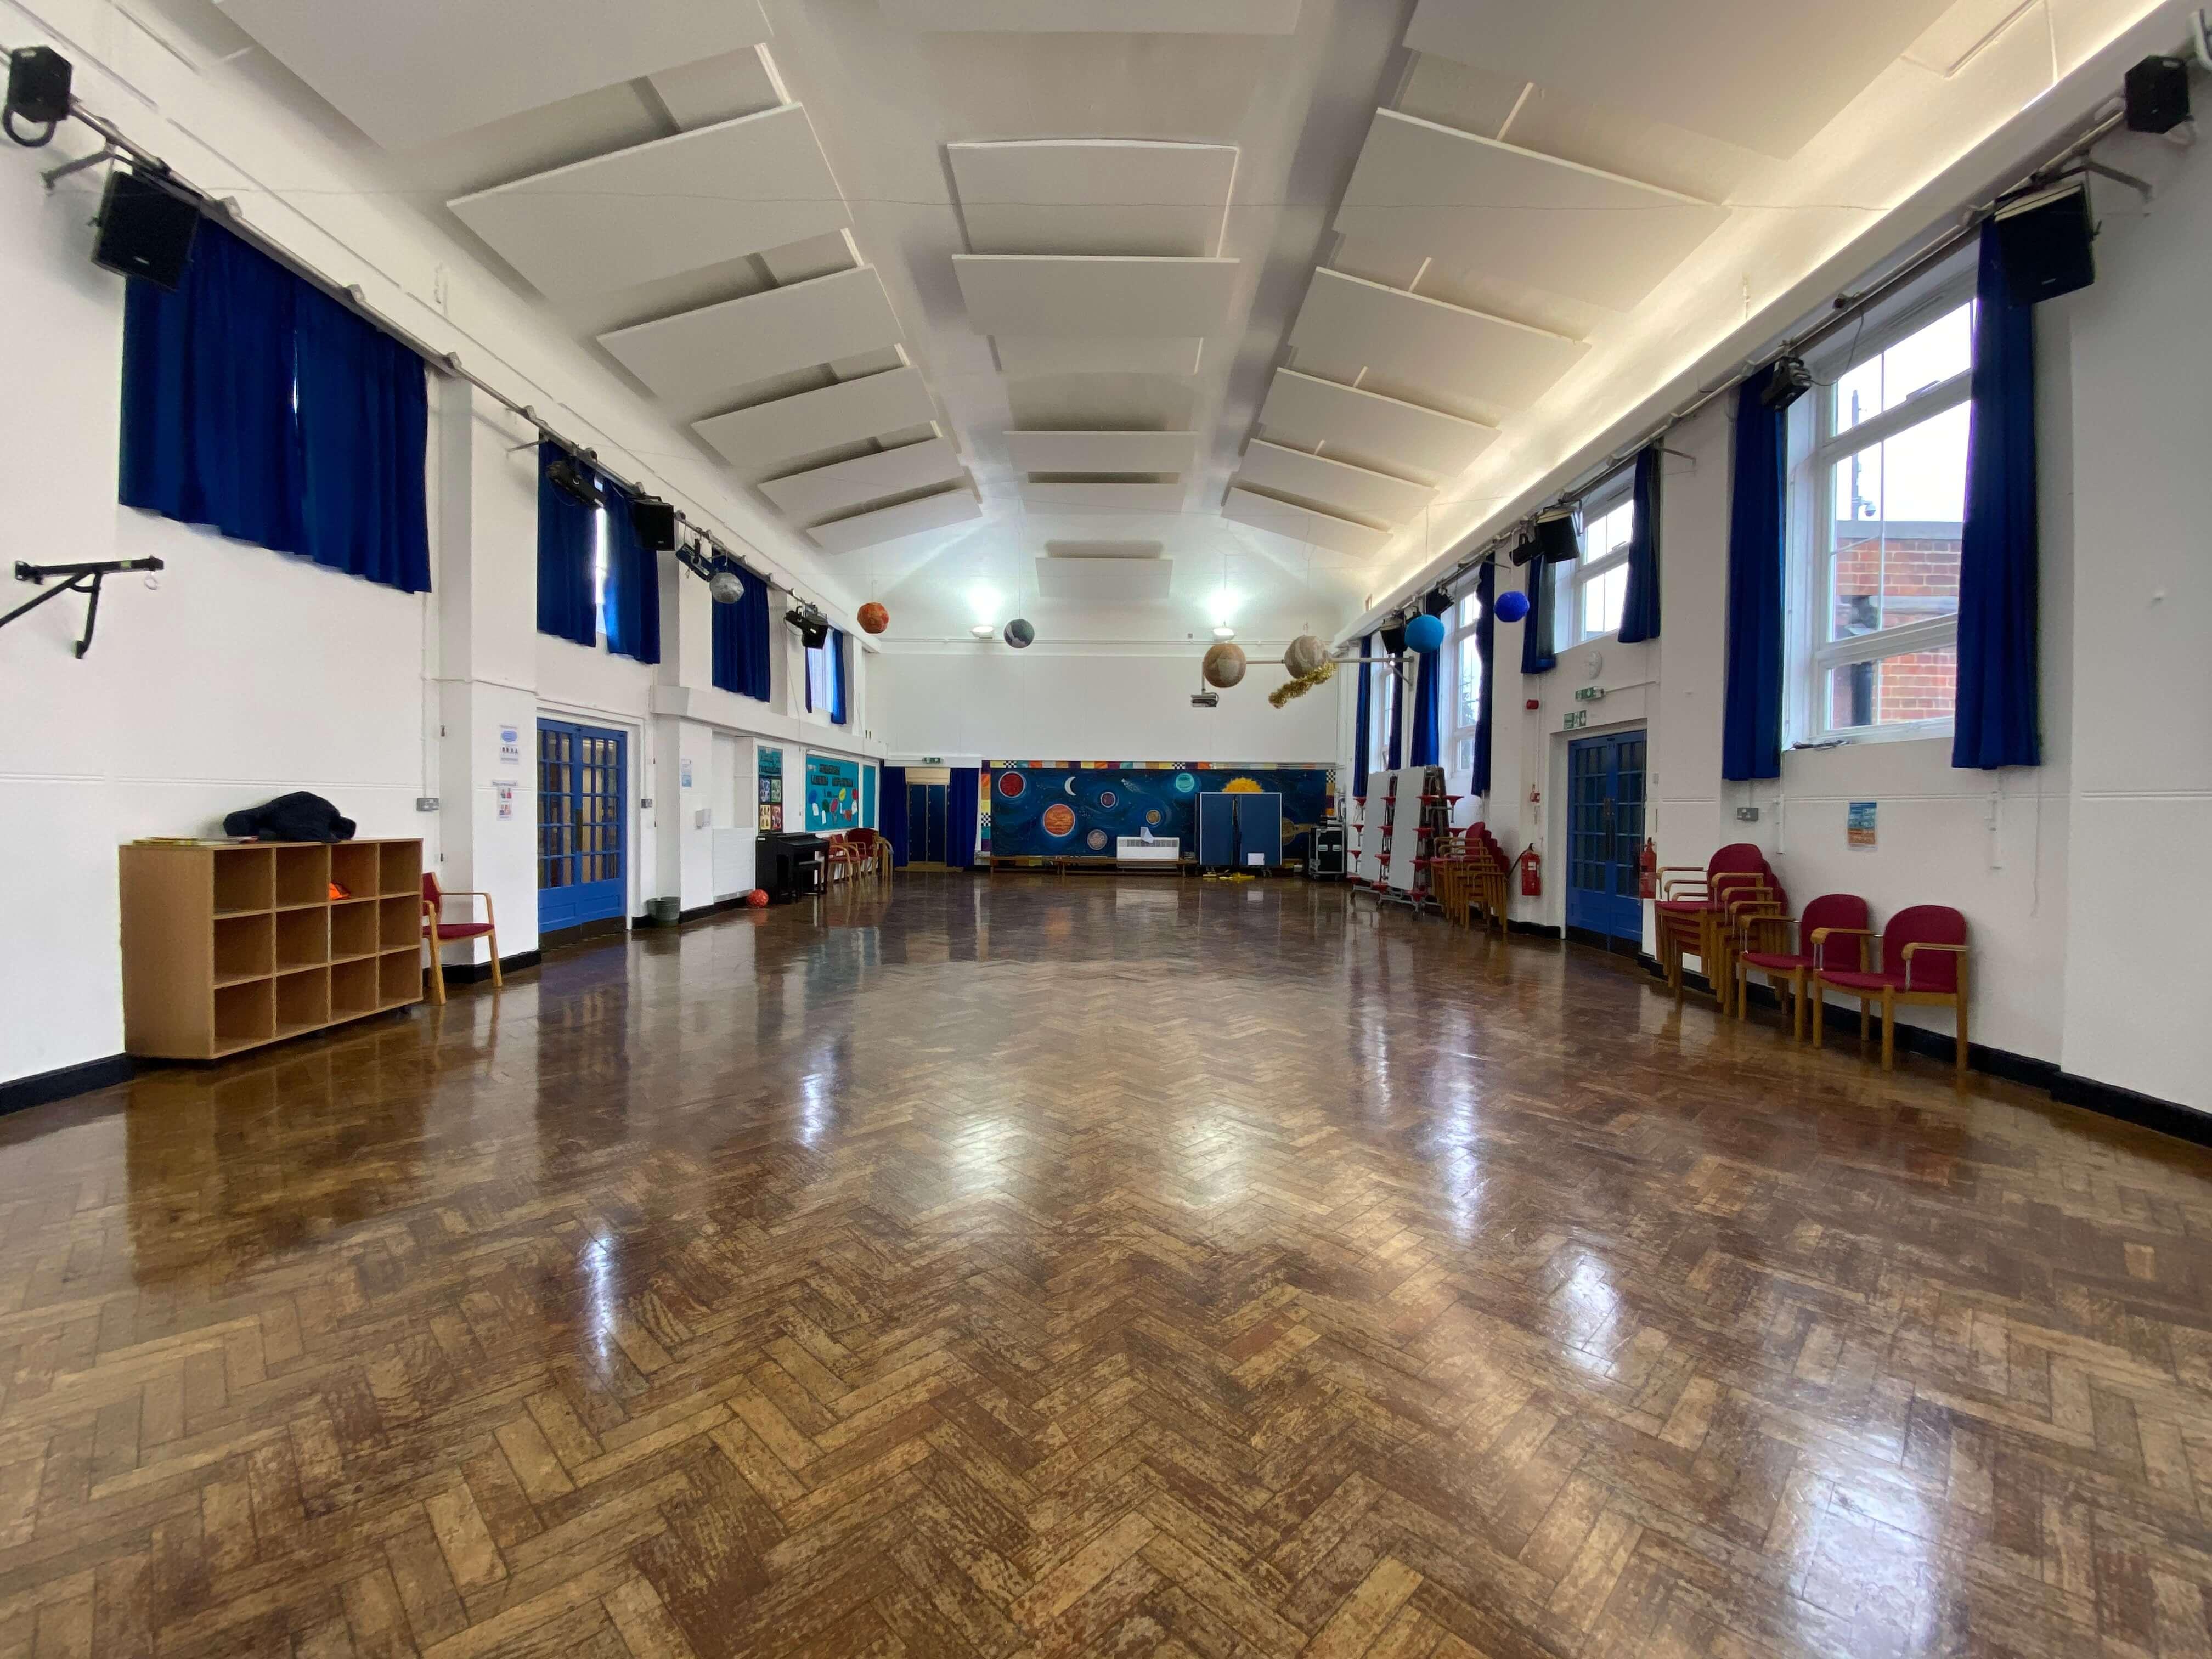 Summerside School Main Hall